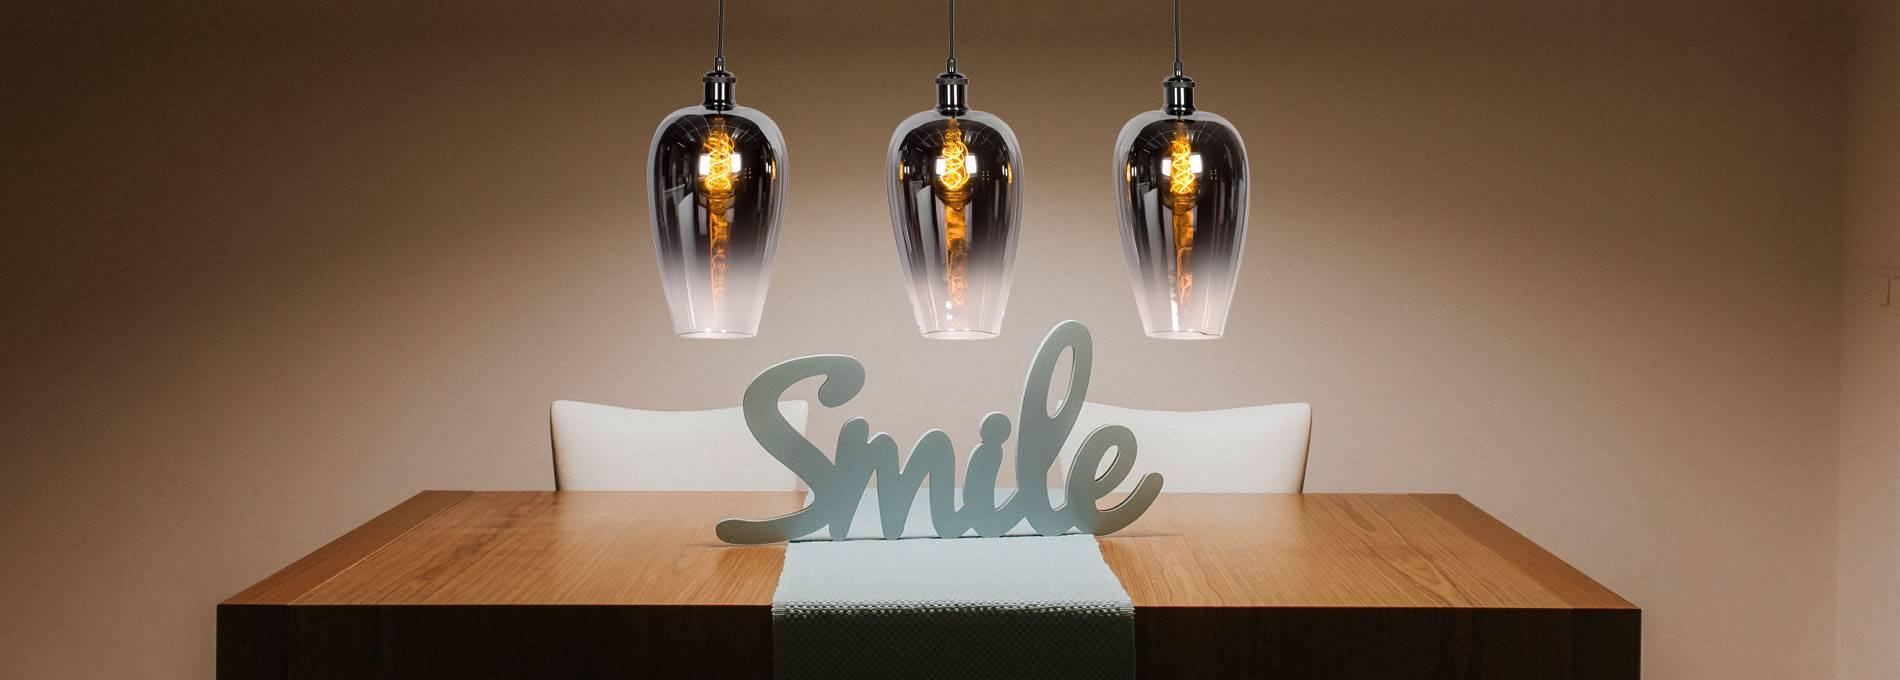 Prachtige hanglampen